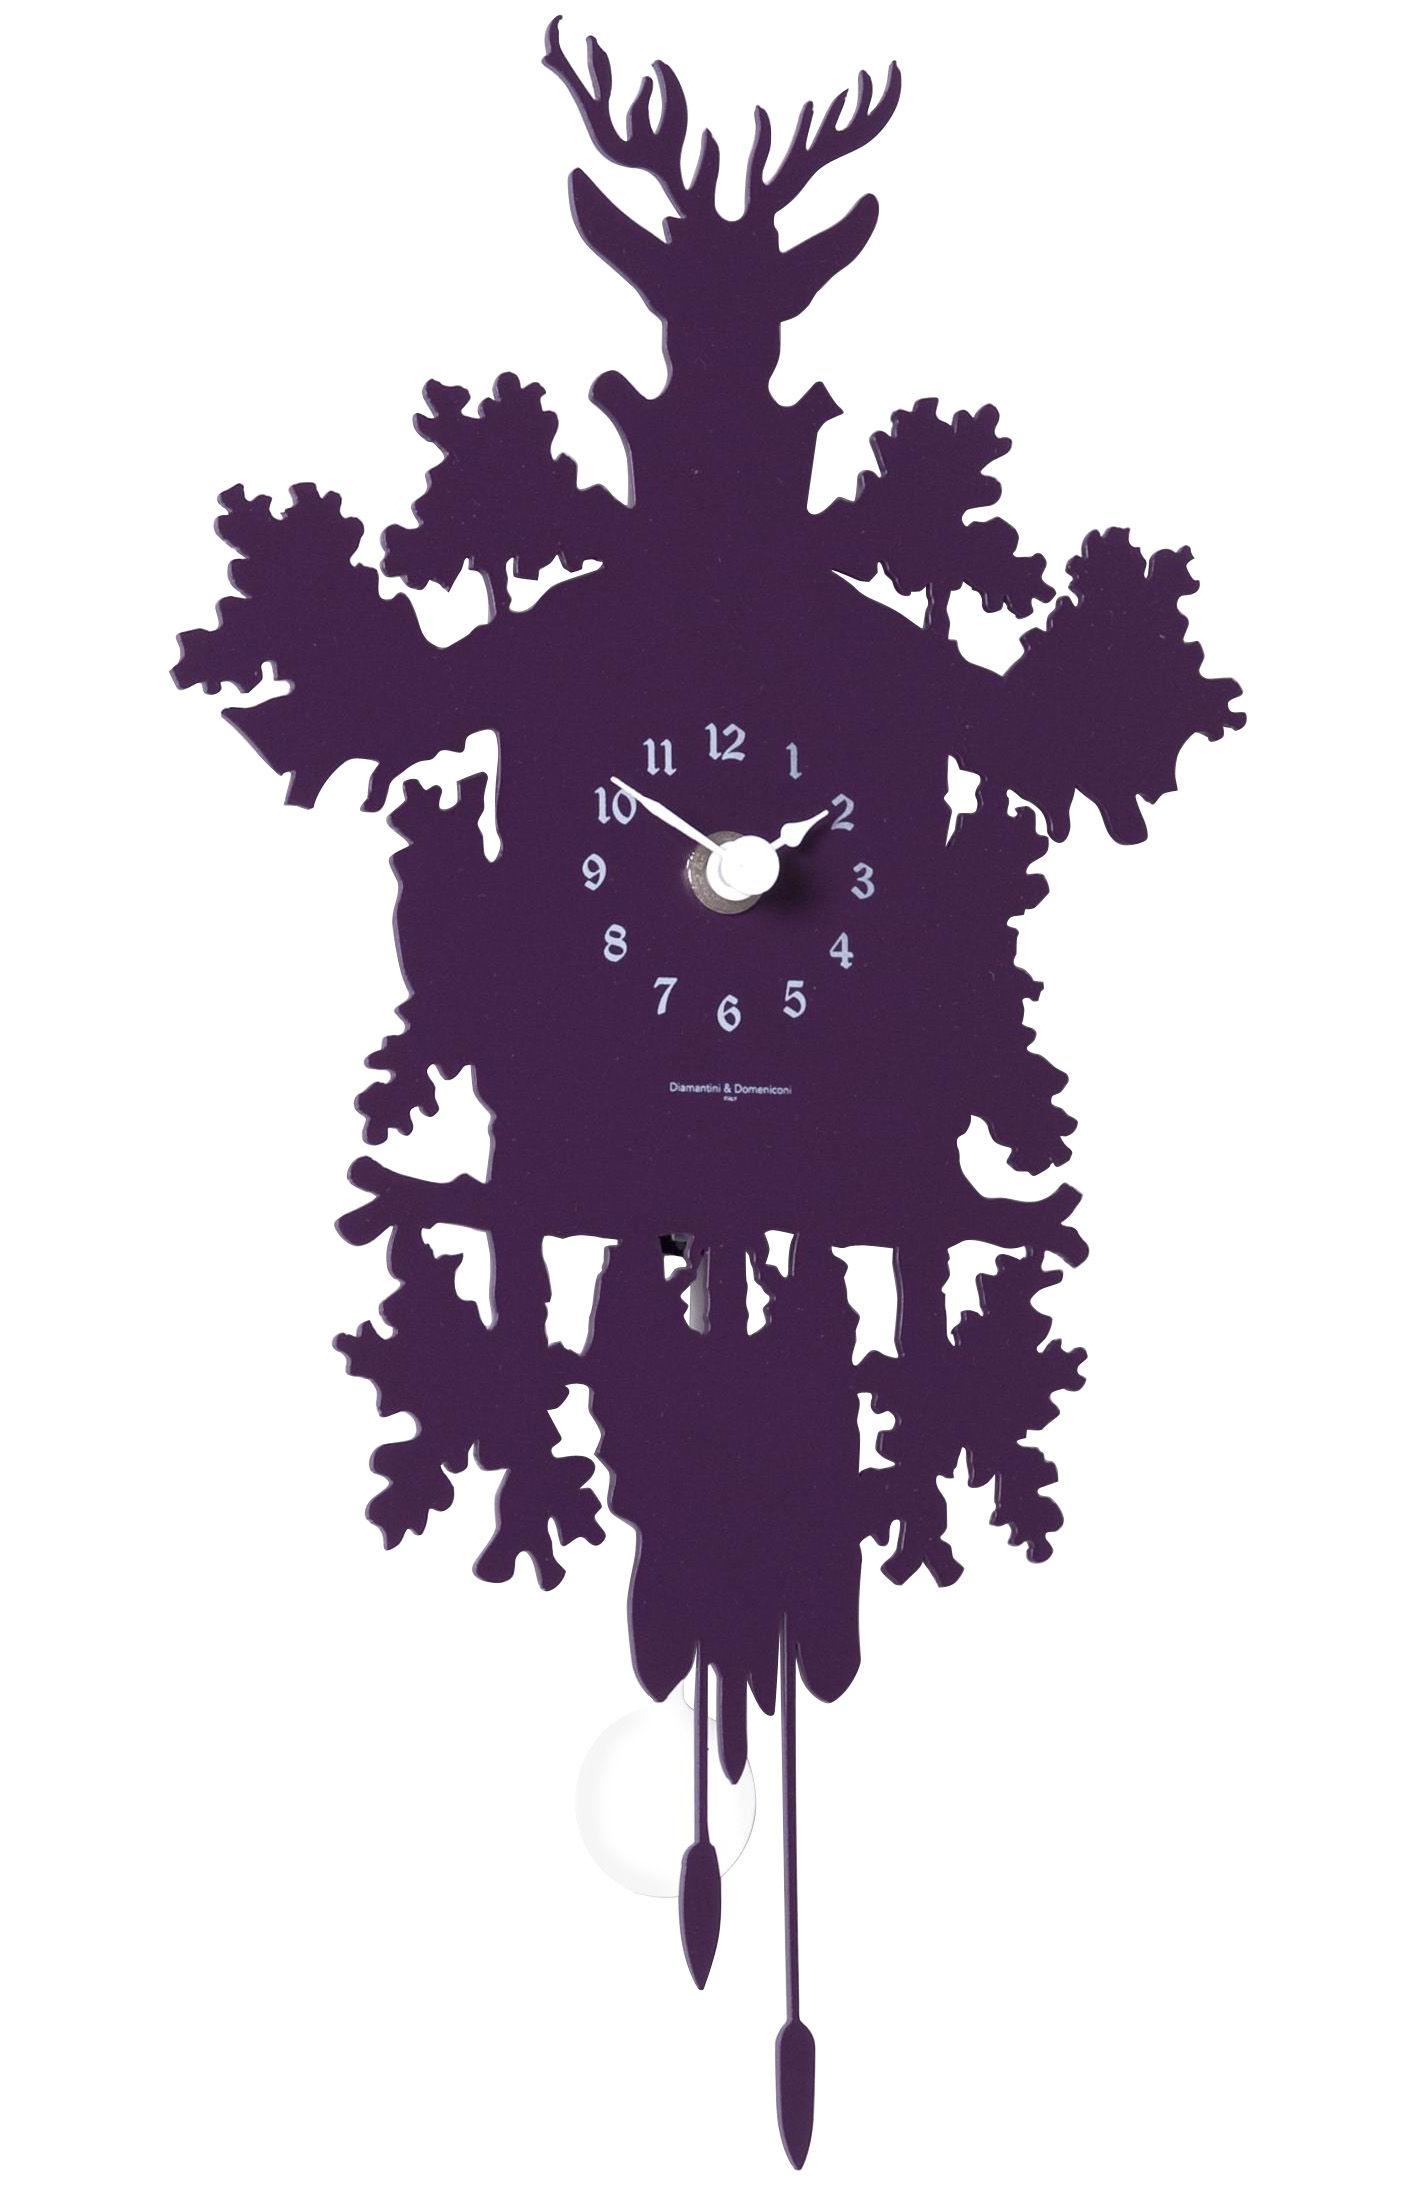 Decoration - Wall Clocks - Cucù Mignon Wall clock - with pendulum - H 34 cm by Diamantini & Domeniconi - Aubergine - Steel